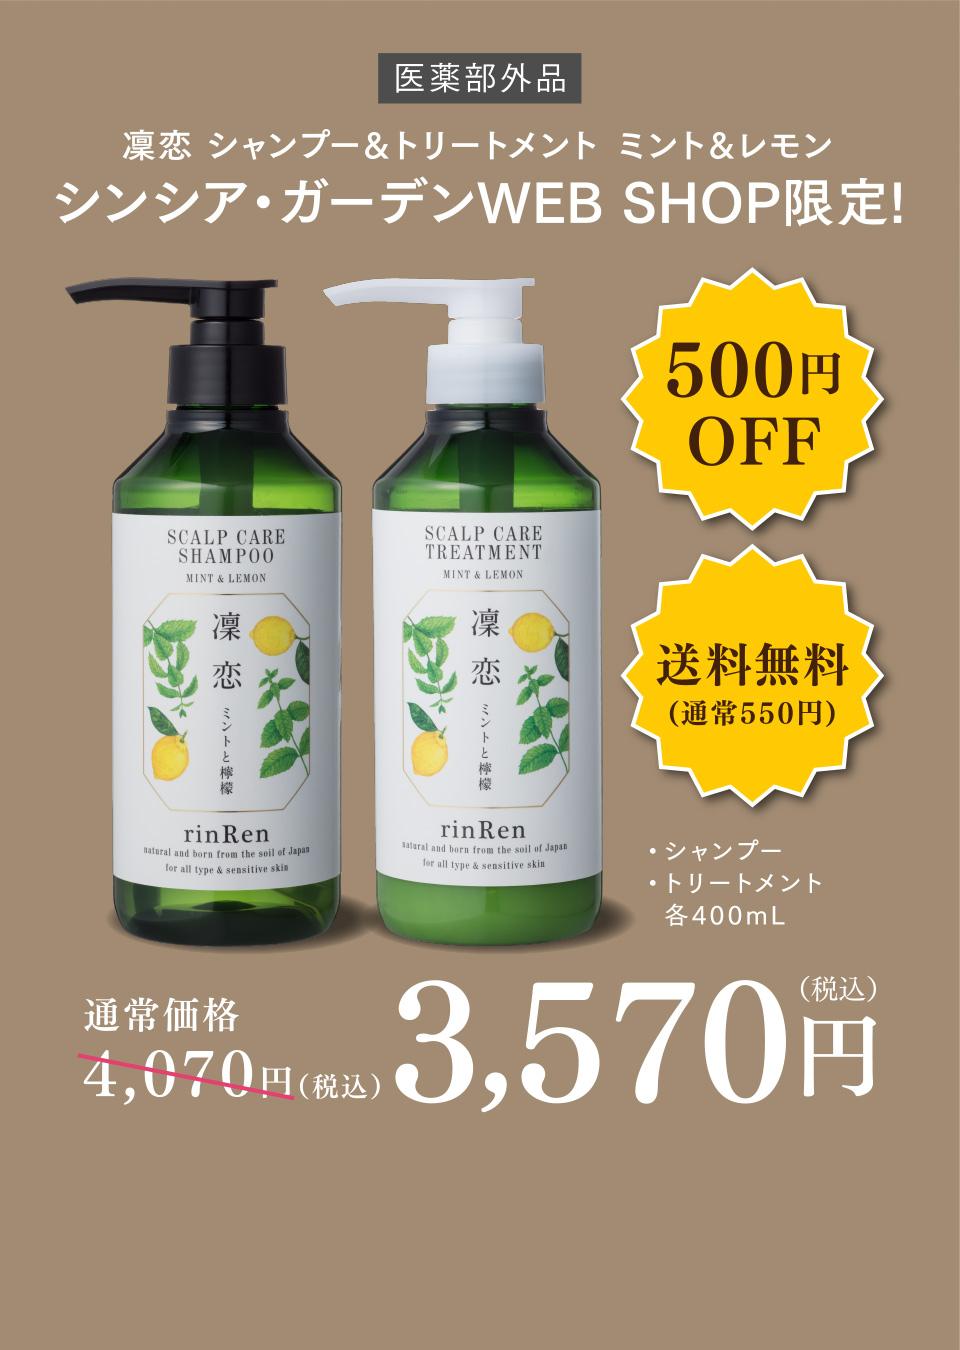 凜恋(リンレン) シャンプー&トリートメント ミント&レモン シンシア・ガーデンWEBSHOP限定